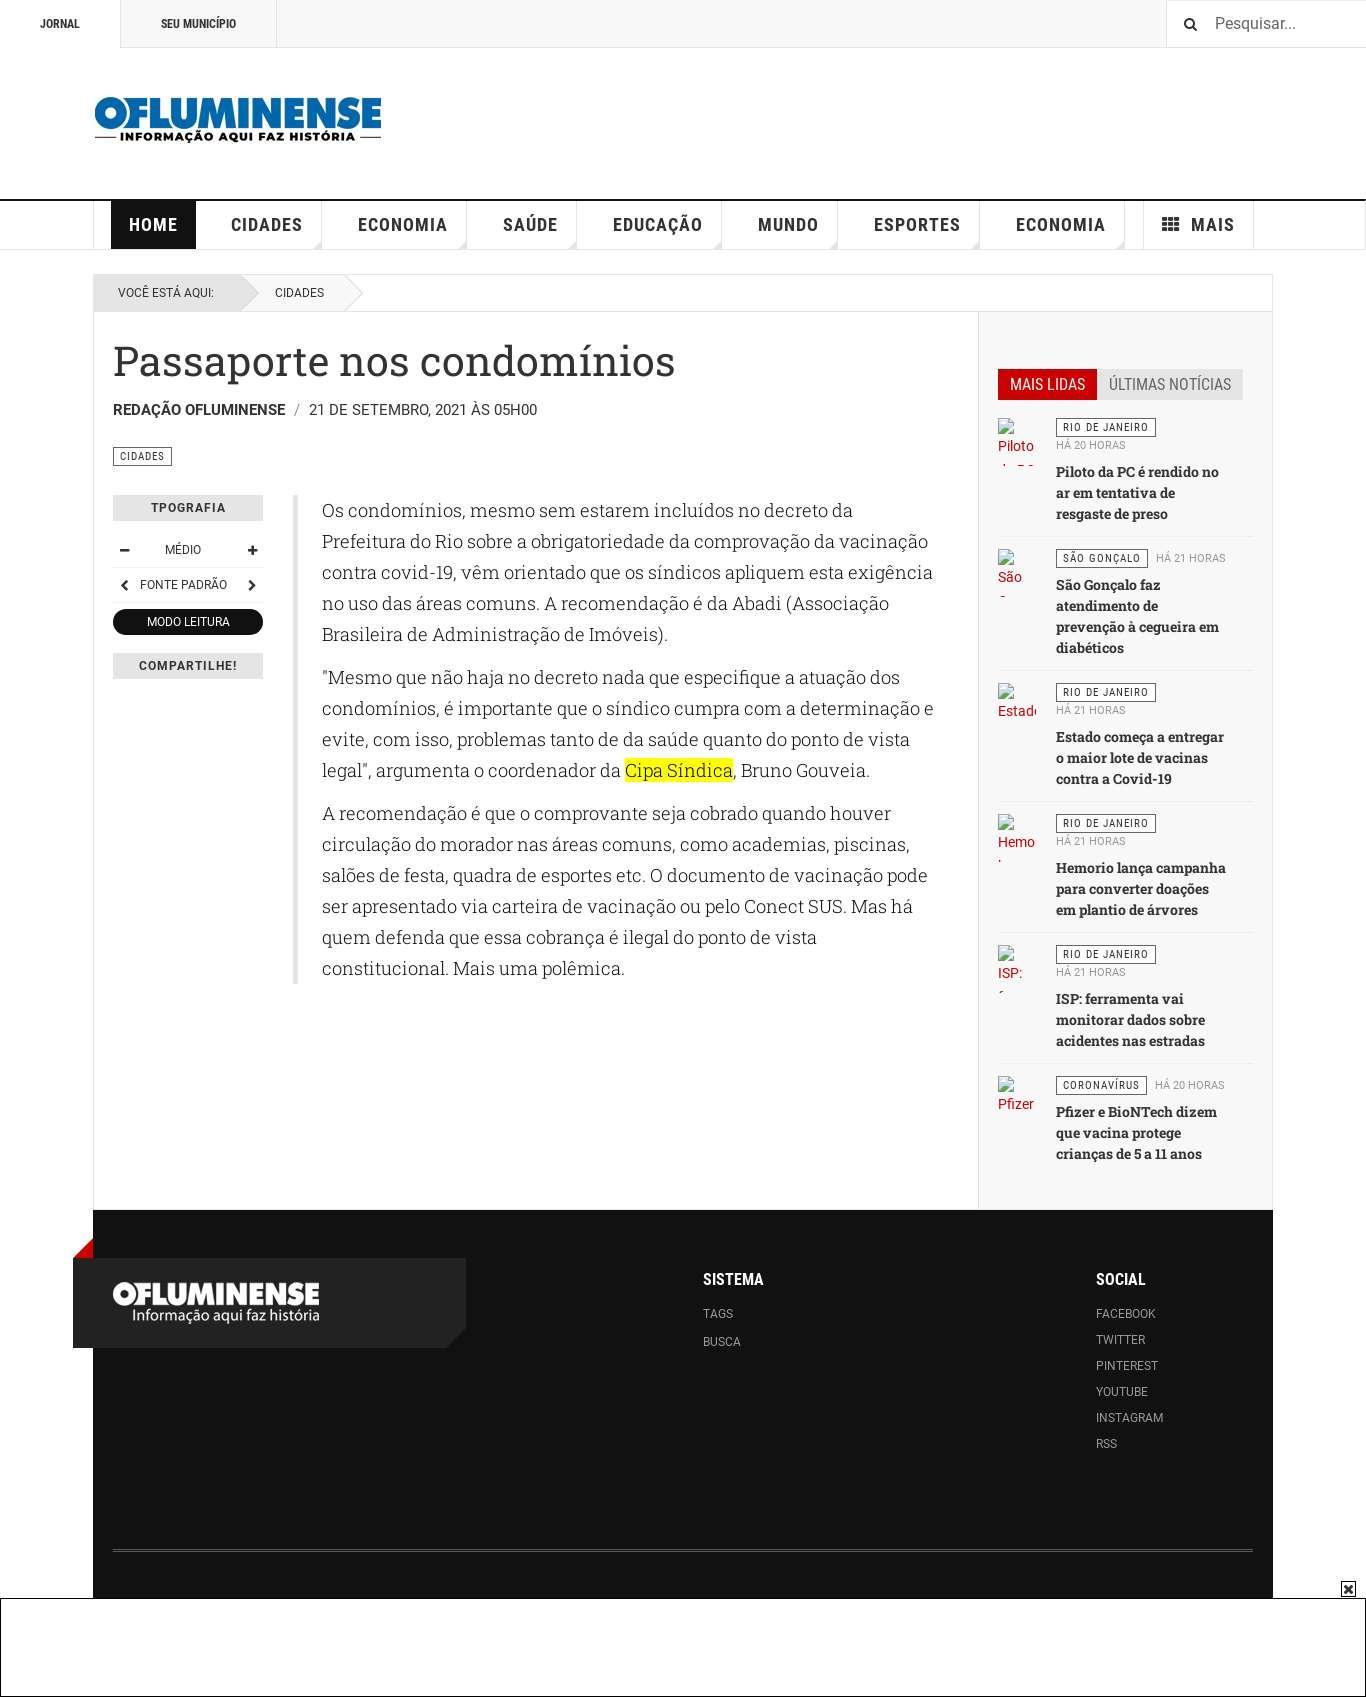 O Fluminense: Passaporte nos condomínios